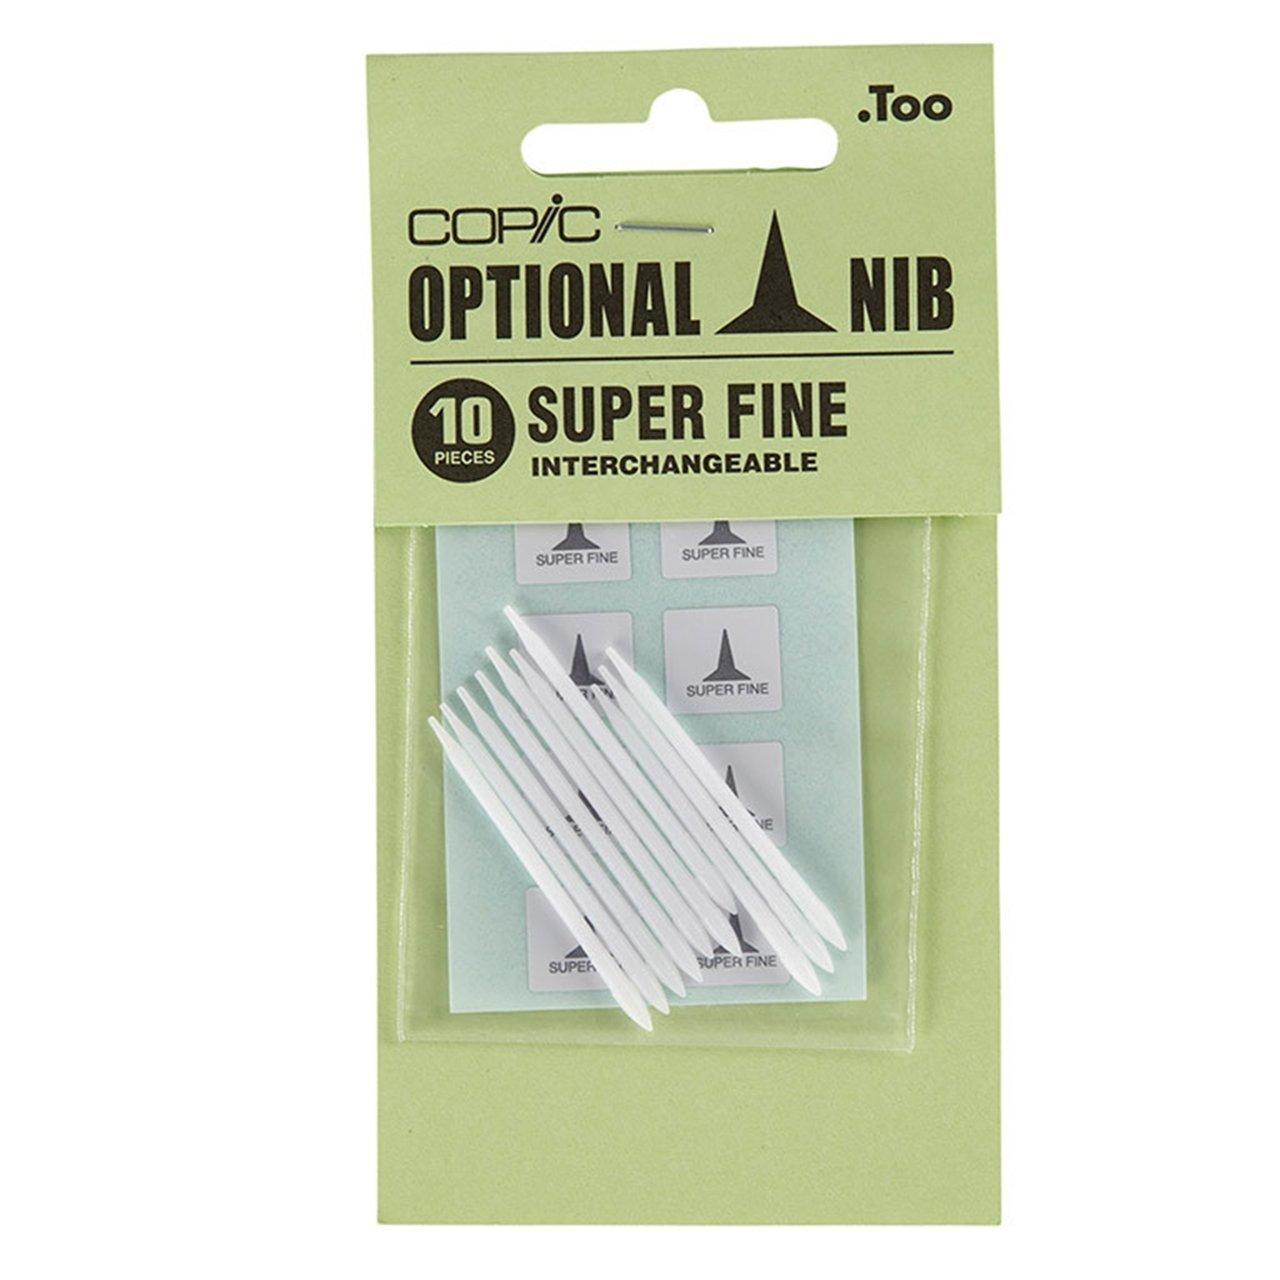 Copic Nib Super fine